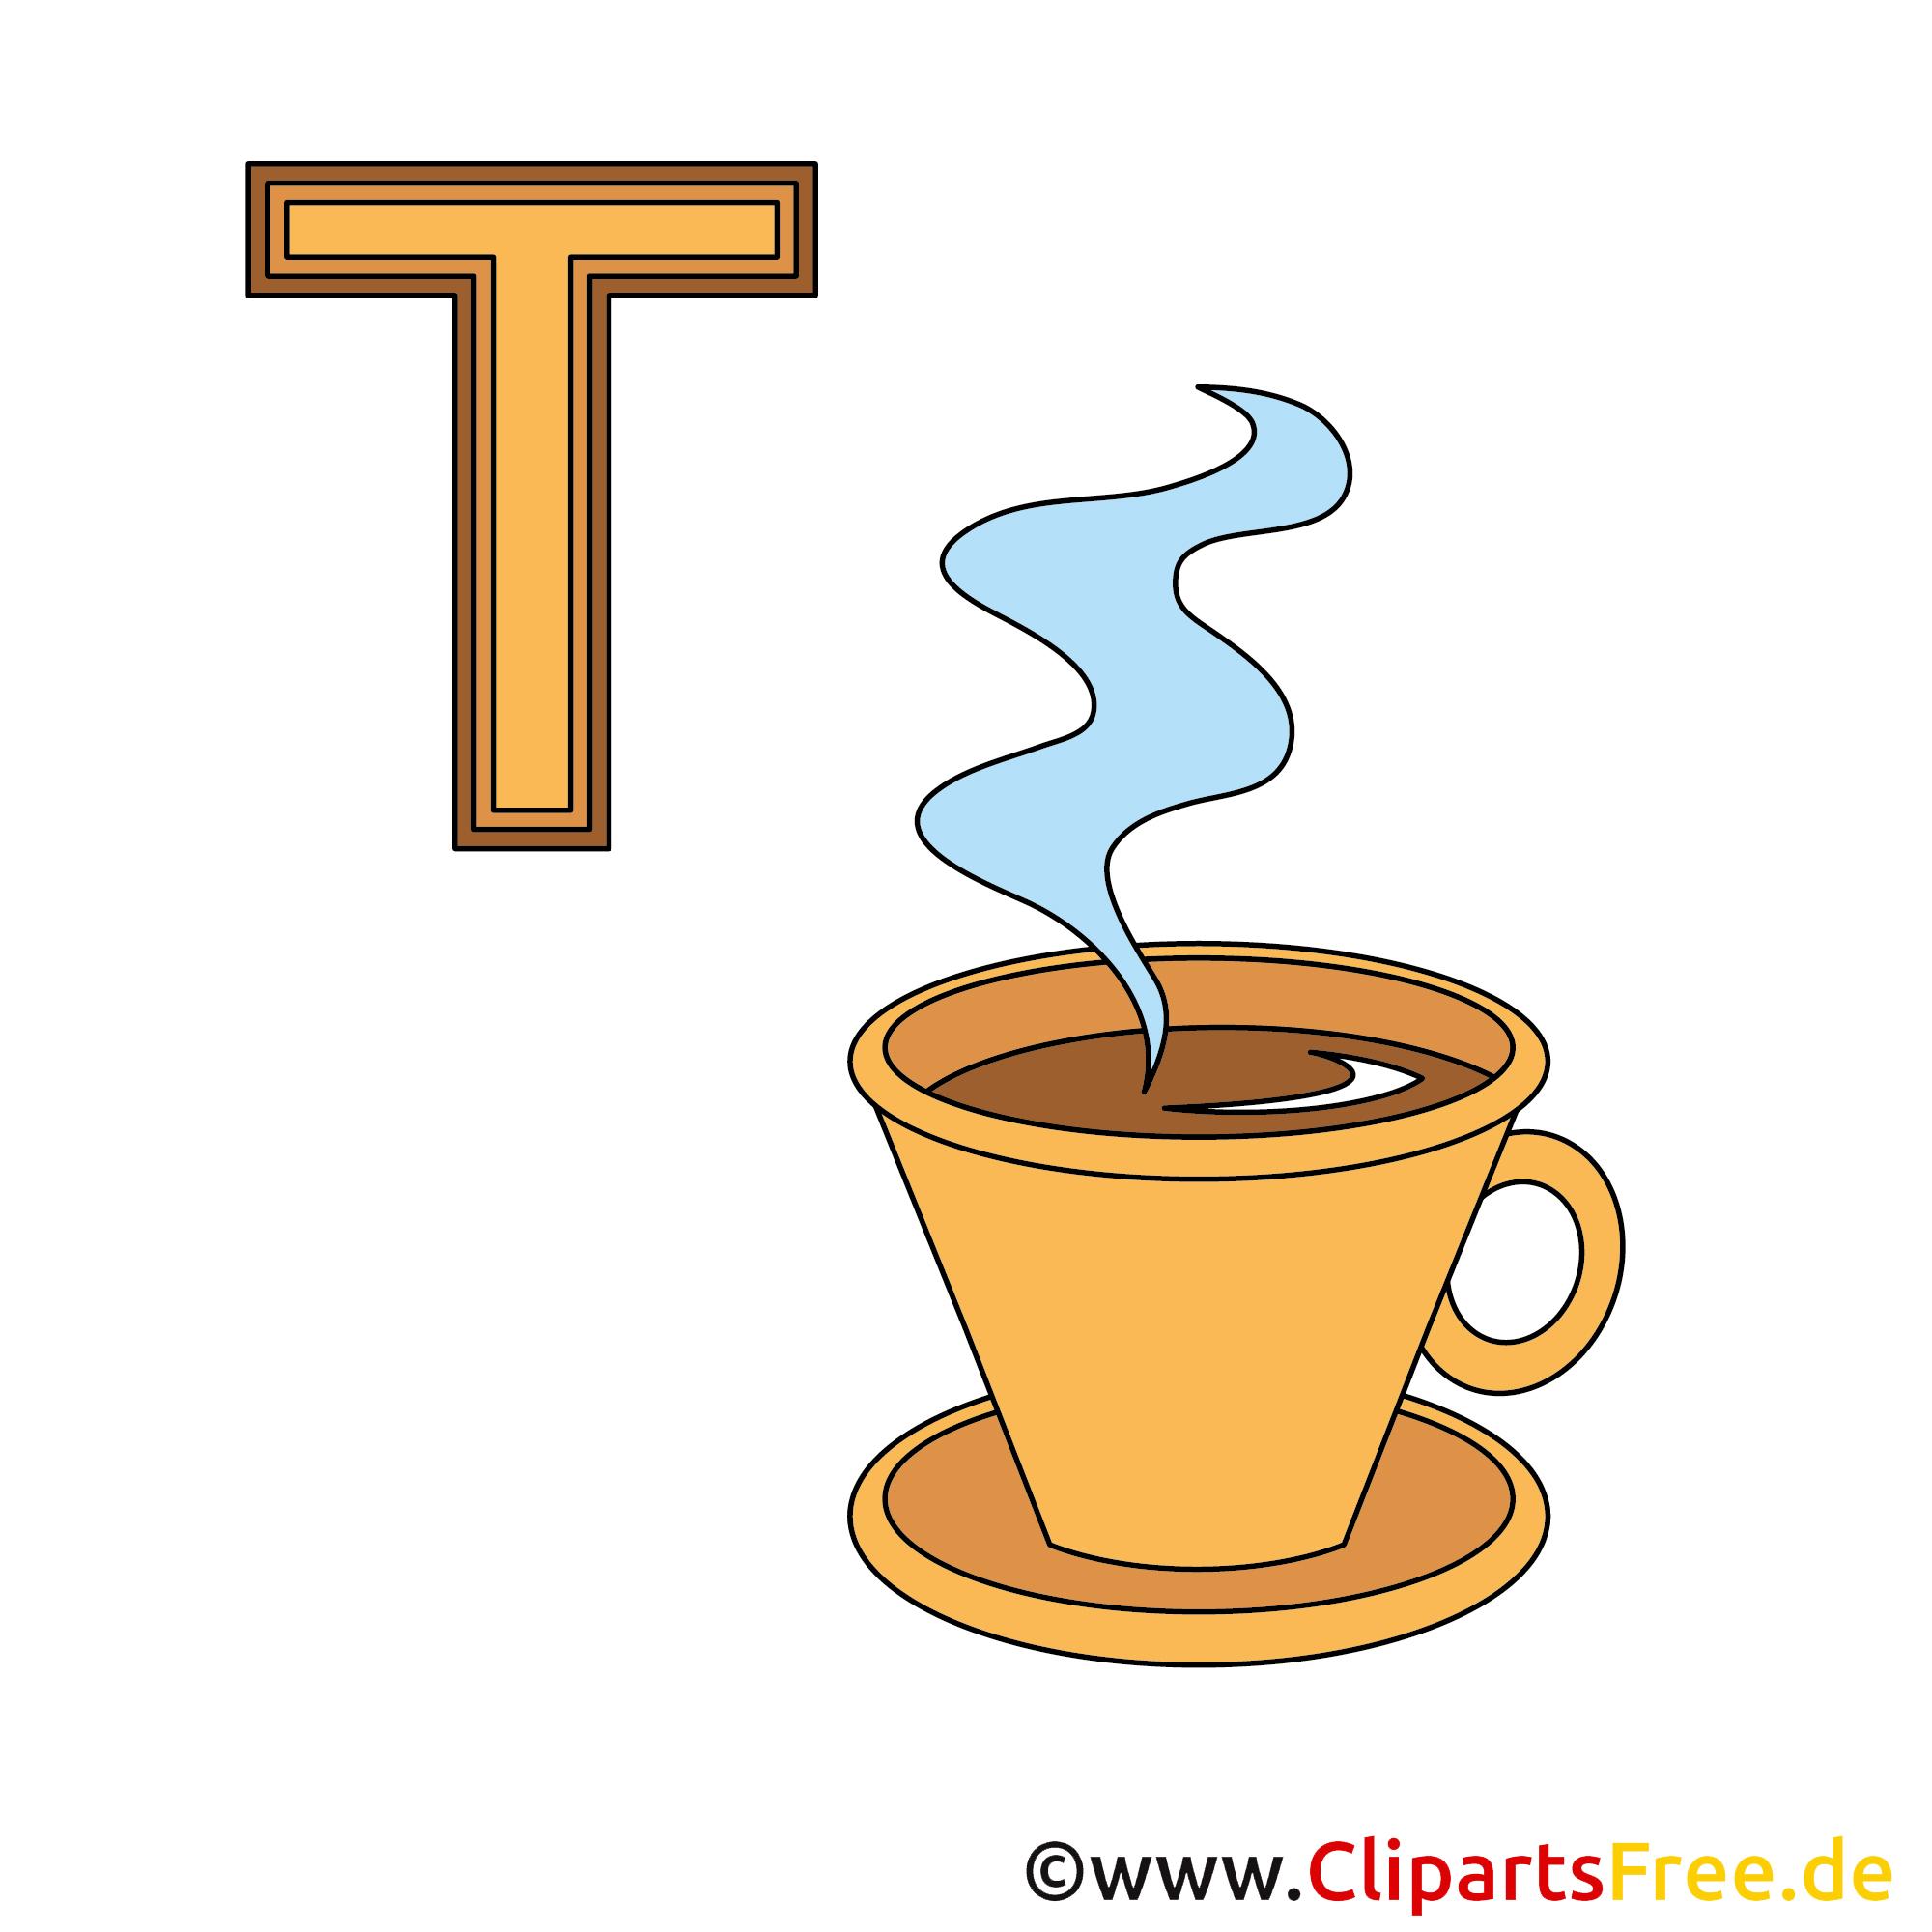 Deutsches Alphabet - Tasse Bild